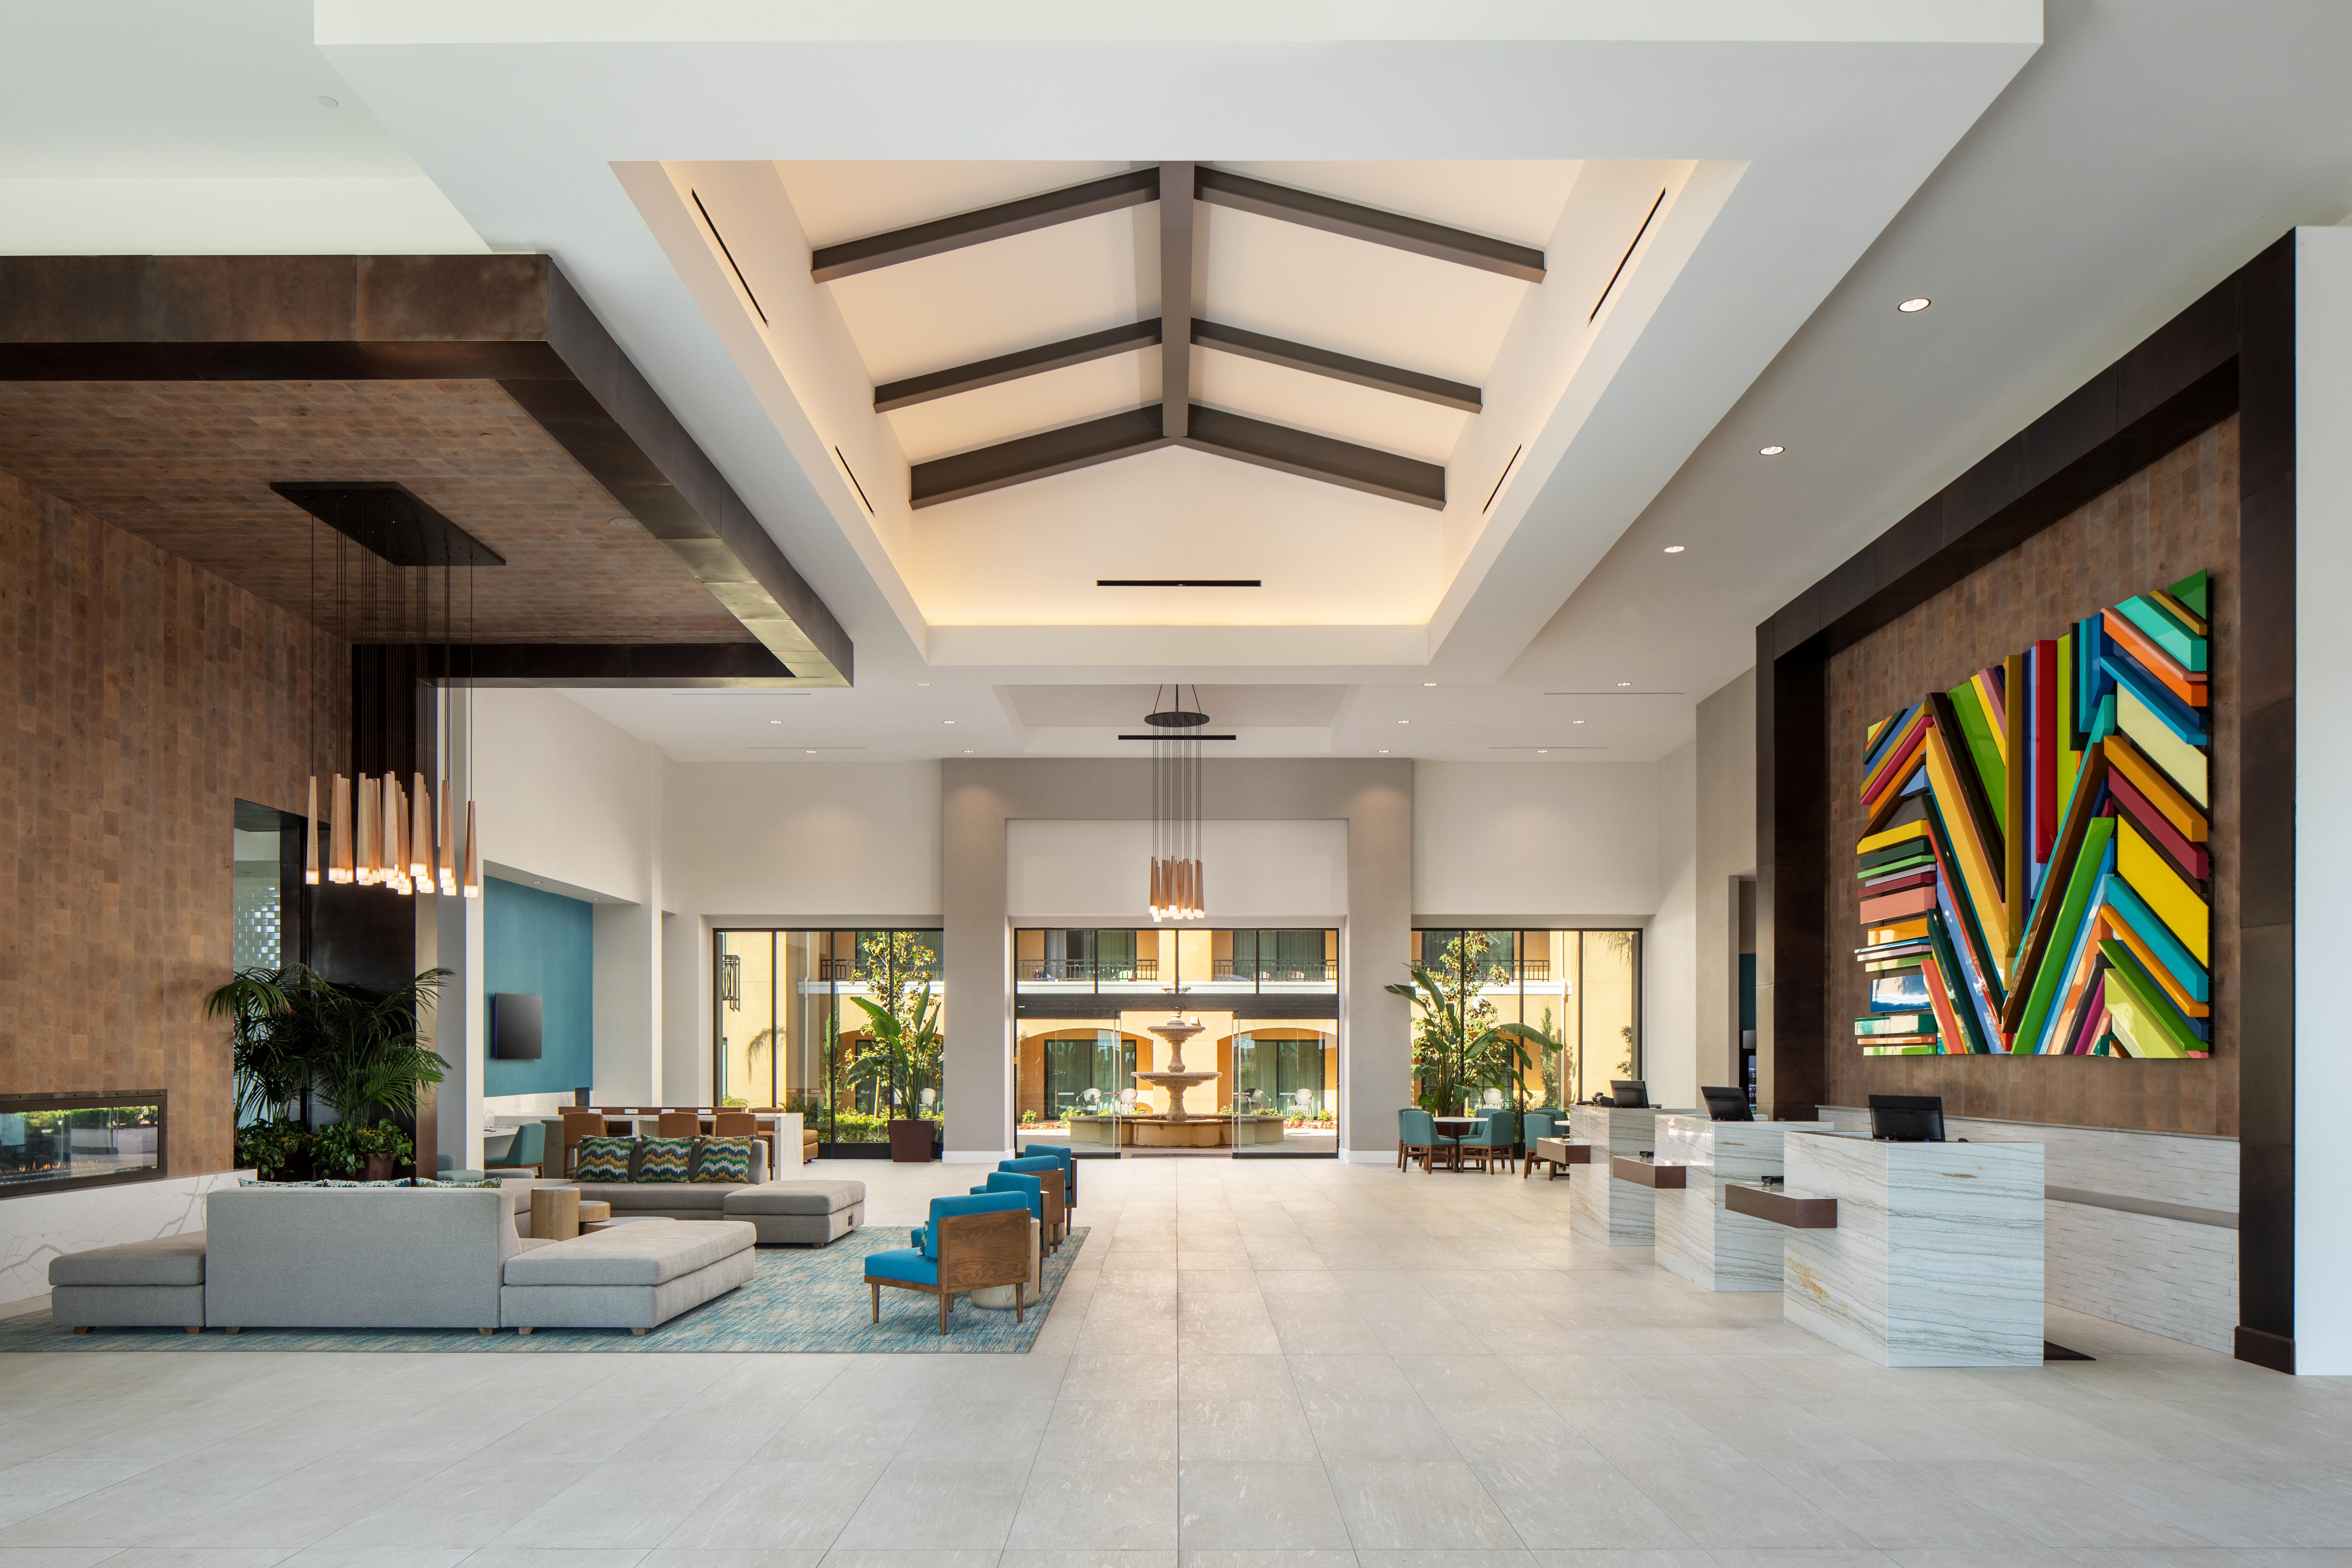 The lobby at Sheraton Carlsbad